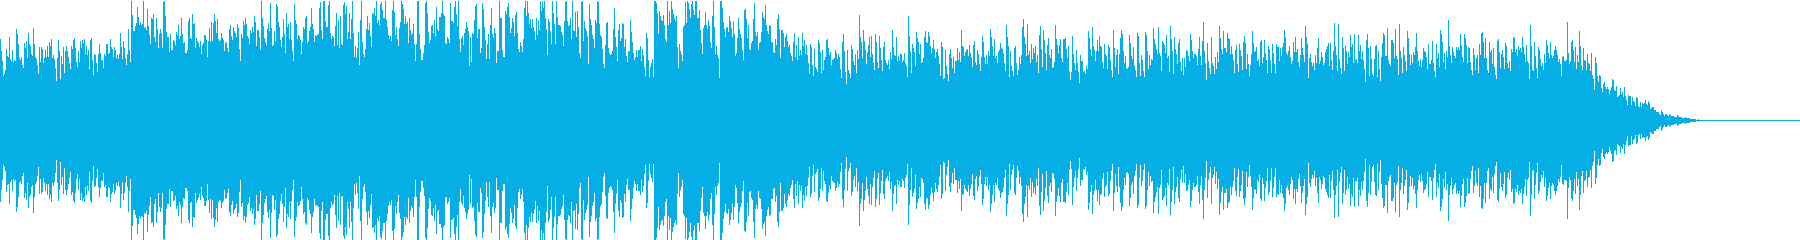 スピード感のある重低音bgmの再生済みの波形